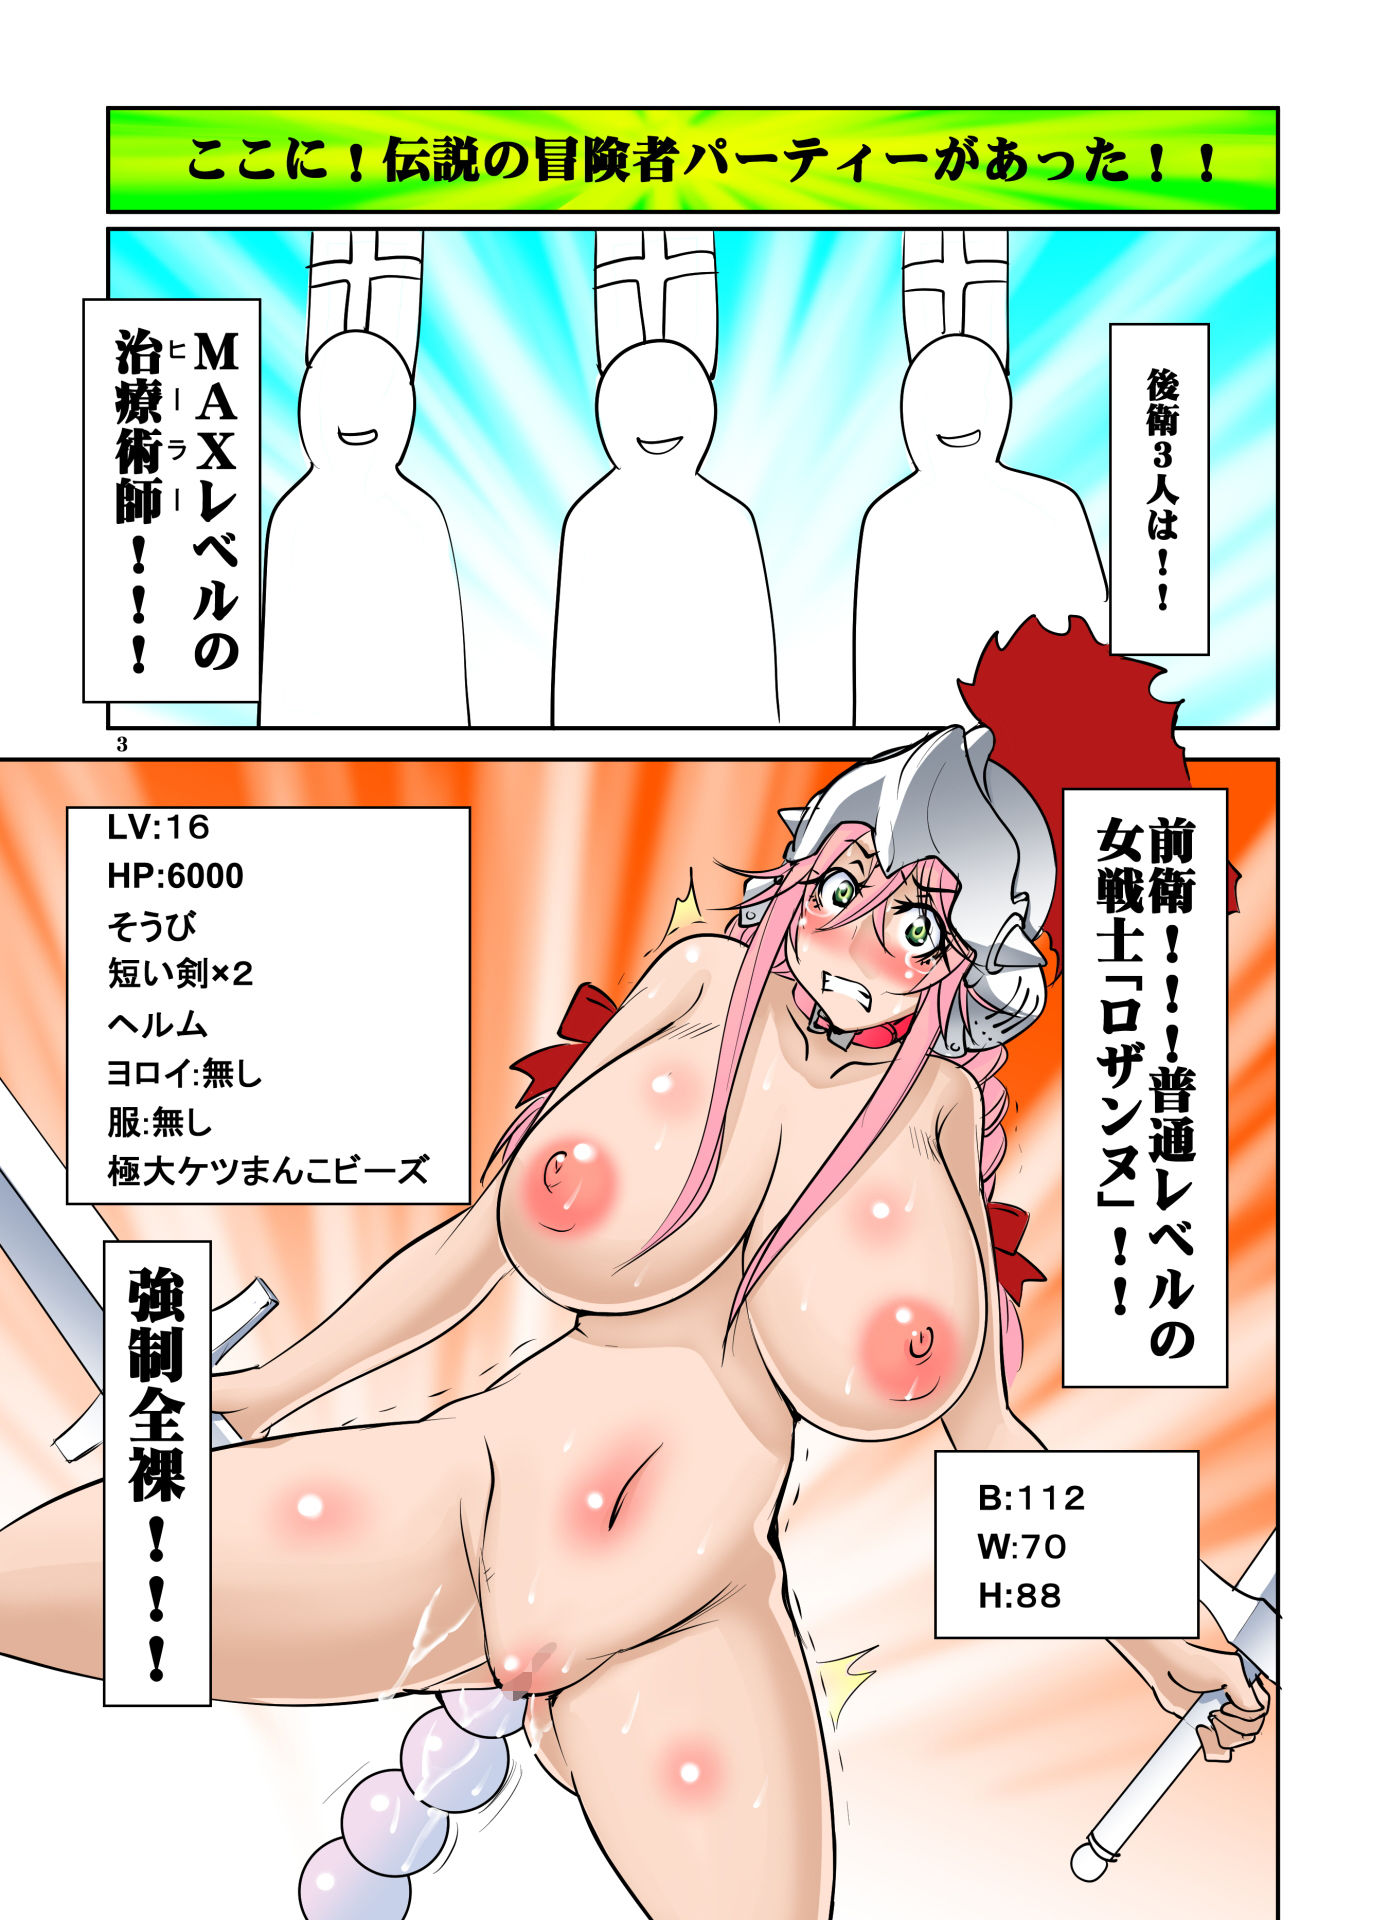 前衛・普通レベルの全裸女戦士一人後衛・MAXレベルの治癒術師3人構成の究極パーティー!